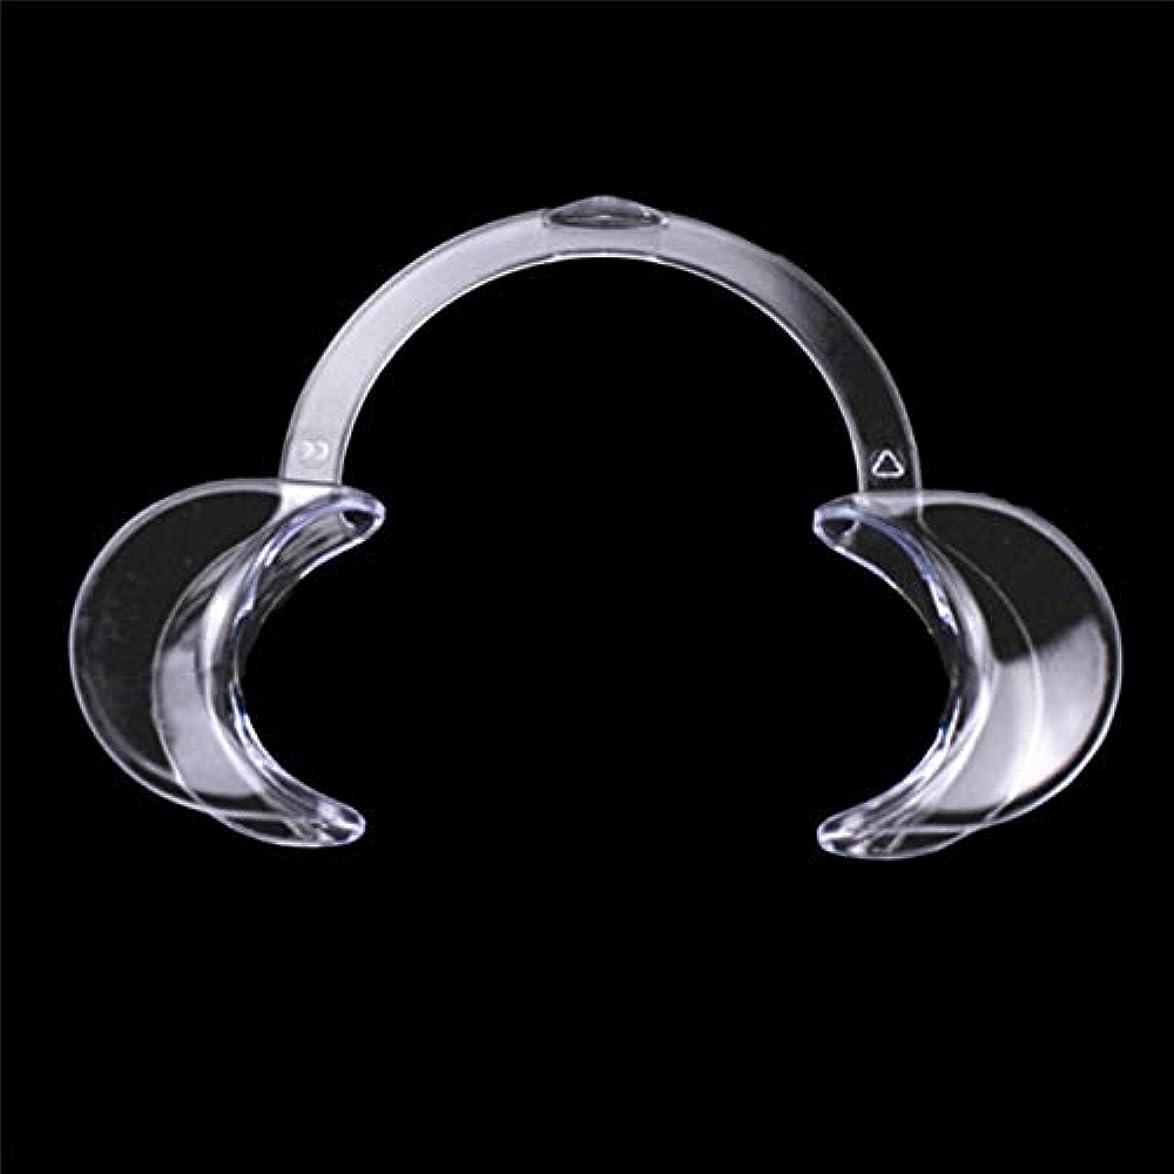 蒸留驚いたオーディションDC パック 歯科 C型 開口器 口オープナー マウスオープナー 開口マウスオープナー C型ホワイトニング口の開創器